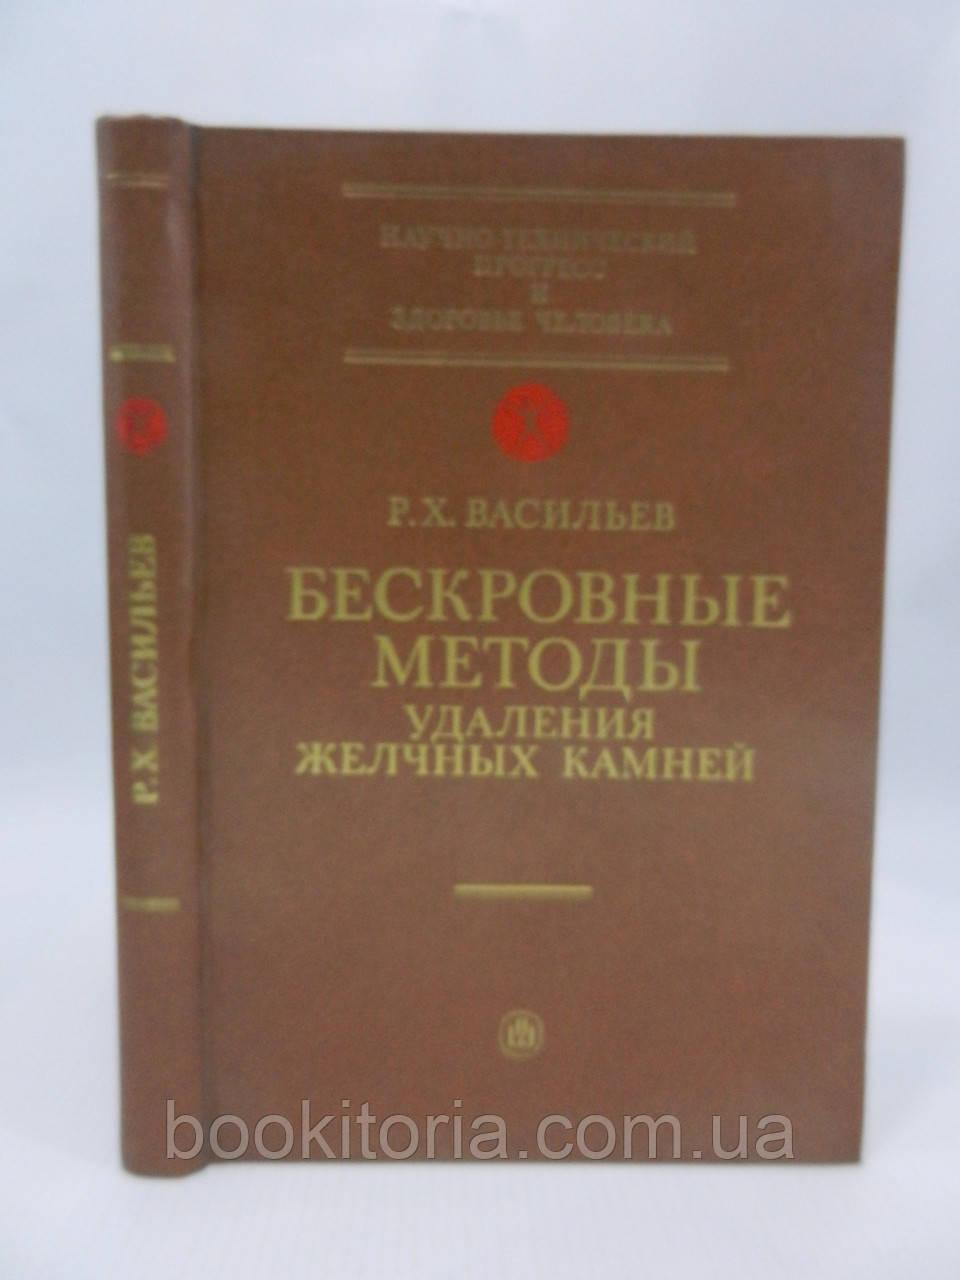 Васильев Р.Х. Бескровные методы удаления желчных камней (б/у).